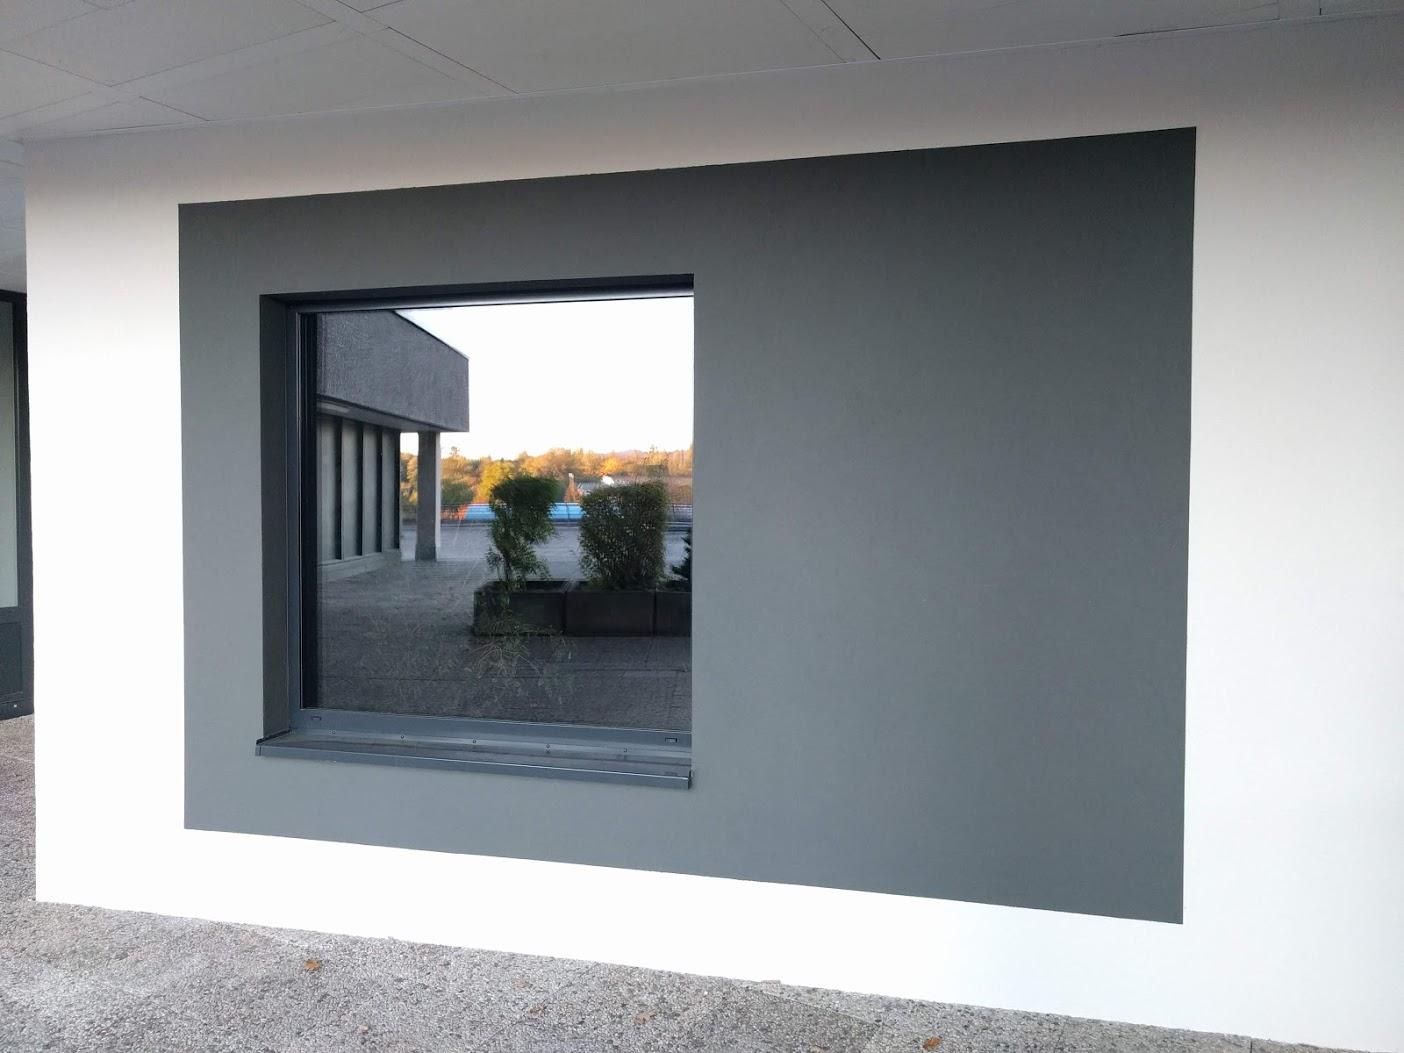 neuer Eingang 2018, Fenster im Schullogo